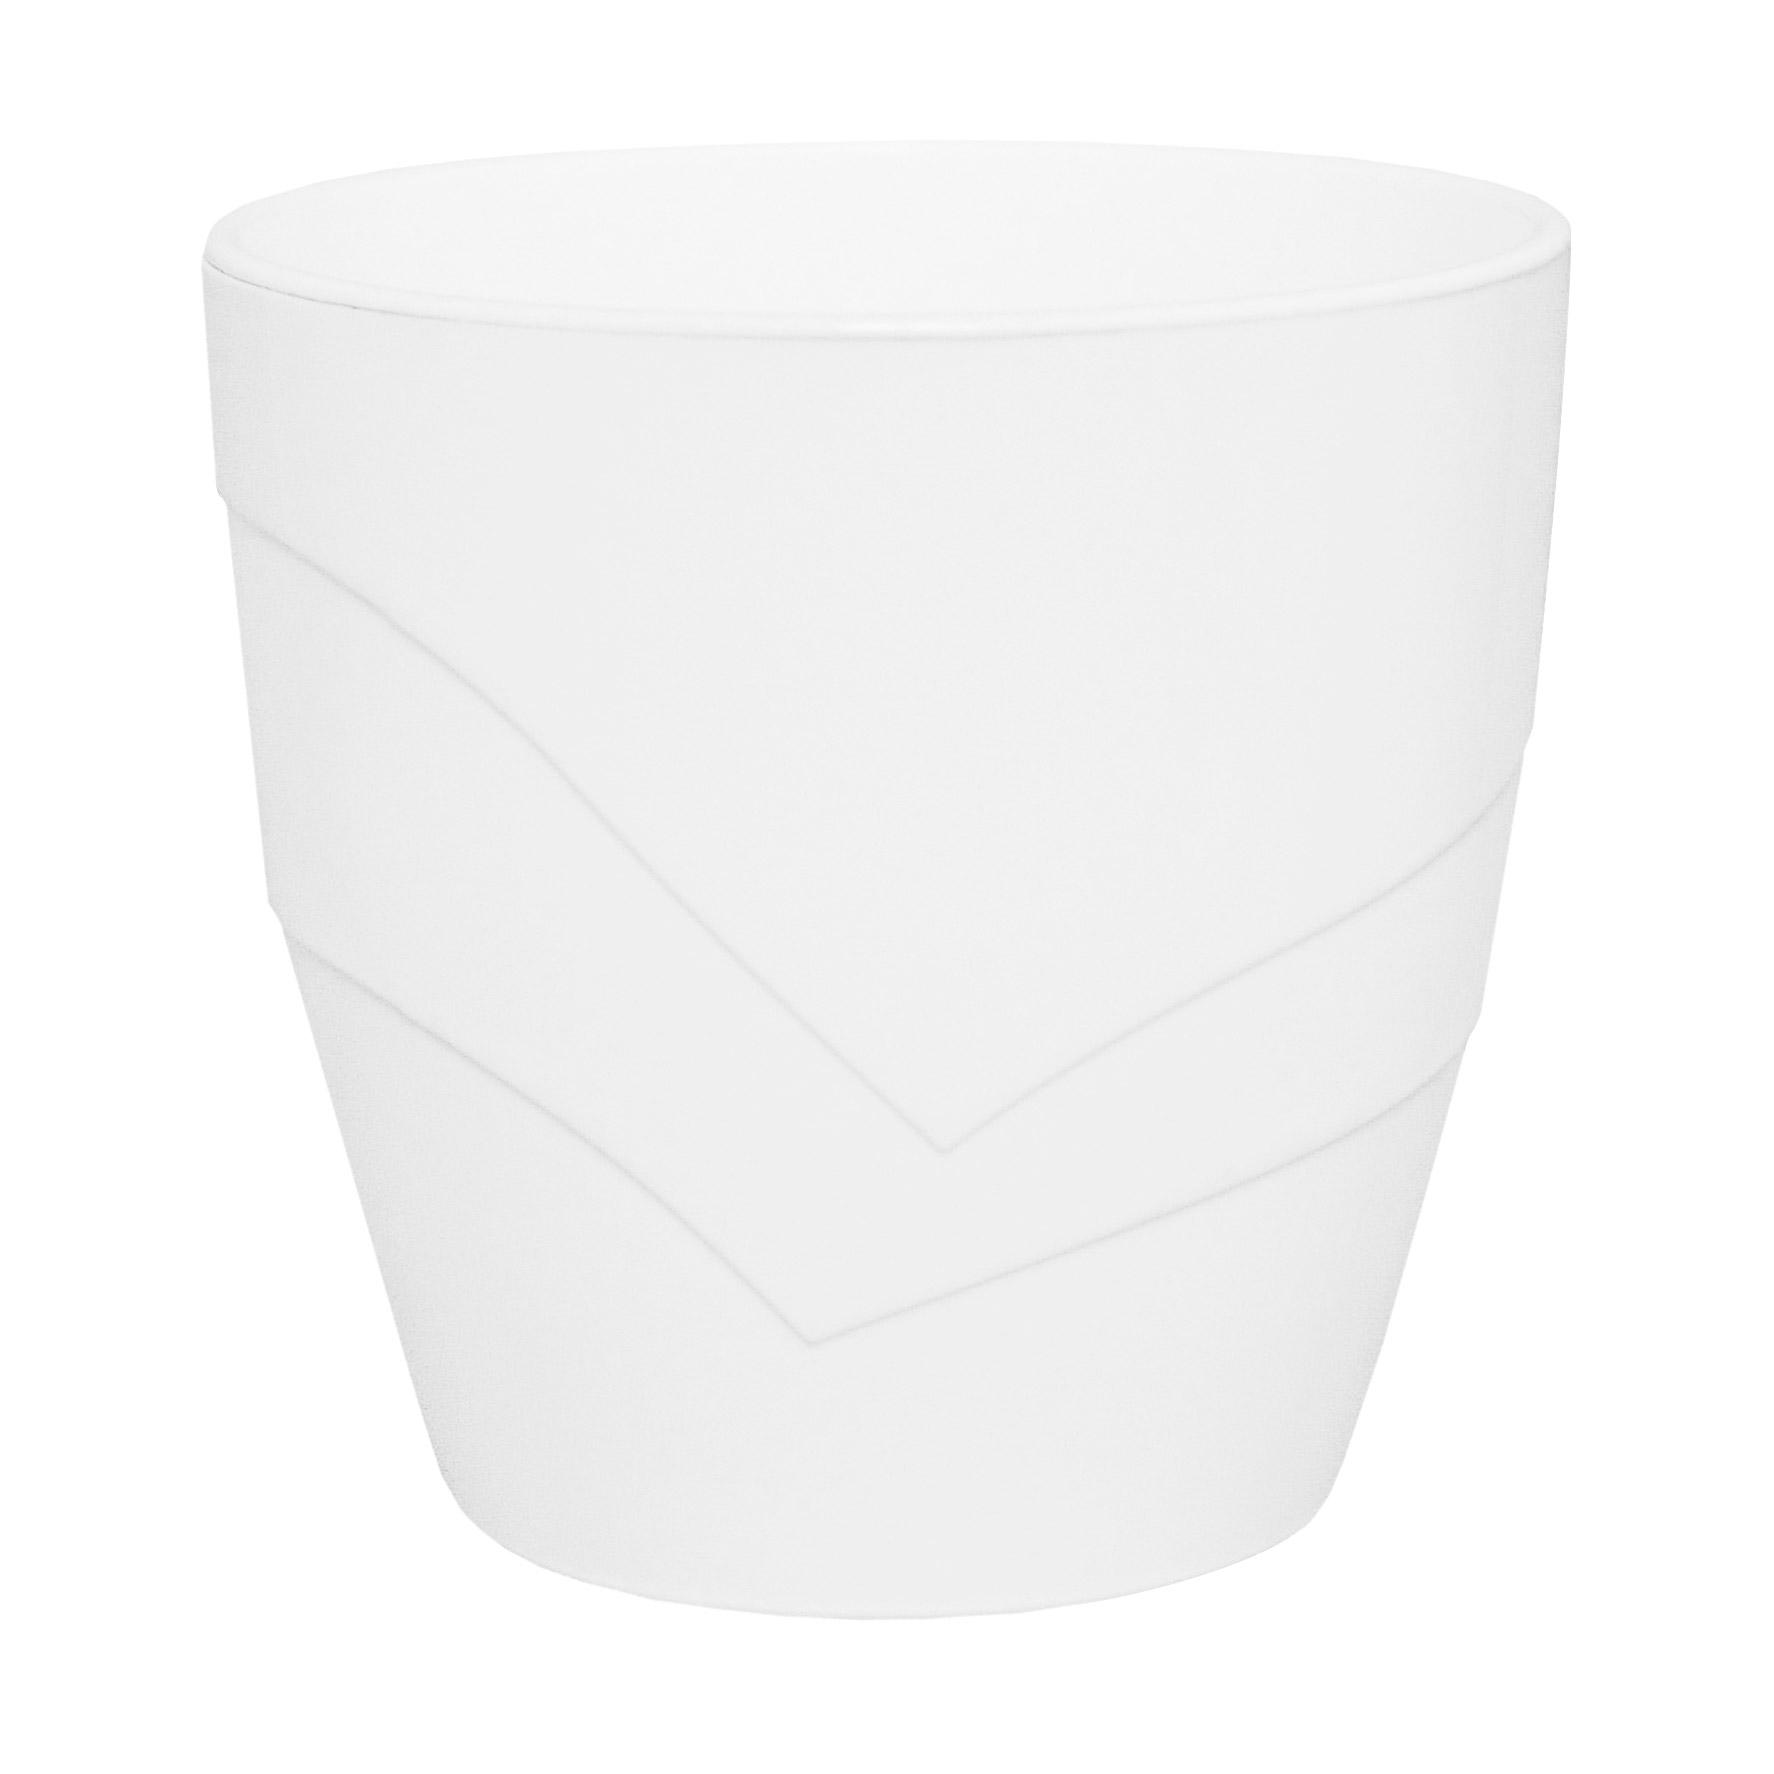 Кашпо Пластавеню грация 2.0л со вставкой белое d-15 см h-15 см фото